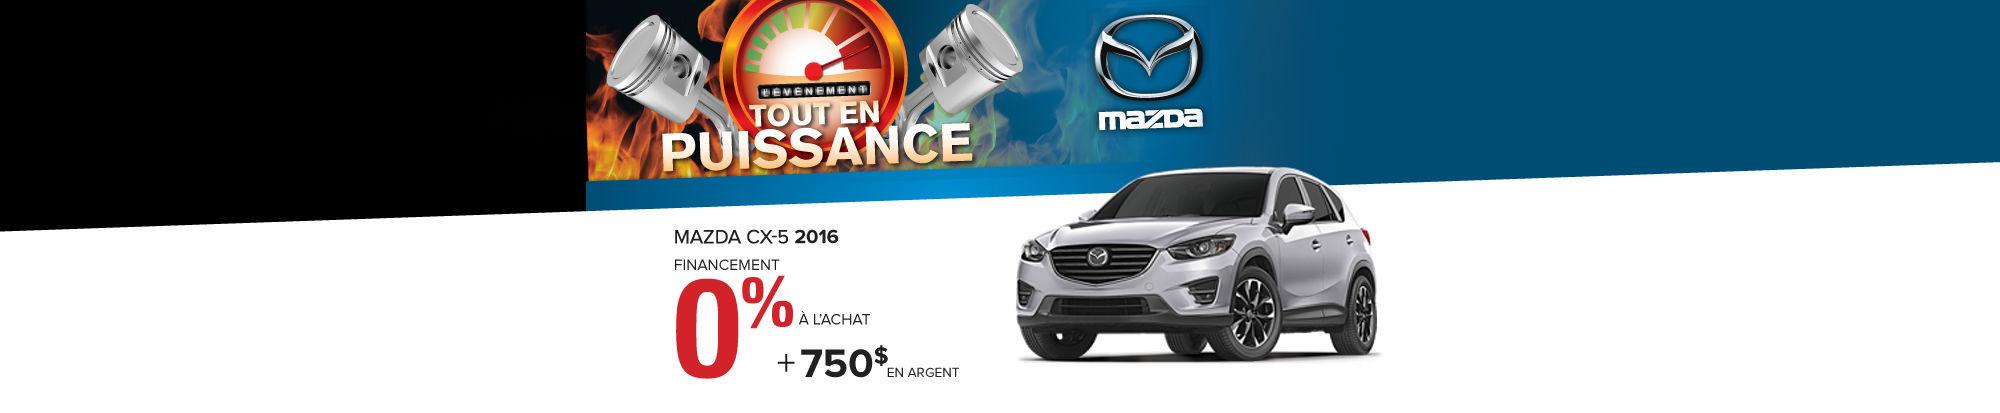 Mazda CX-5 0% 2016